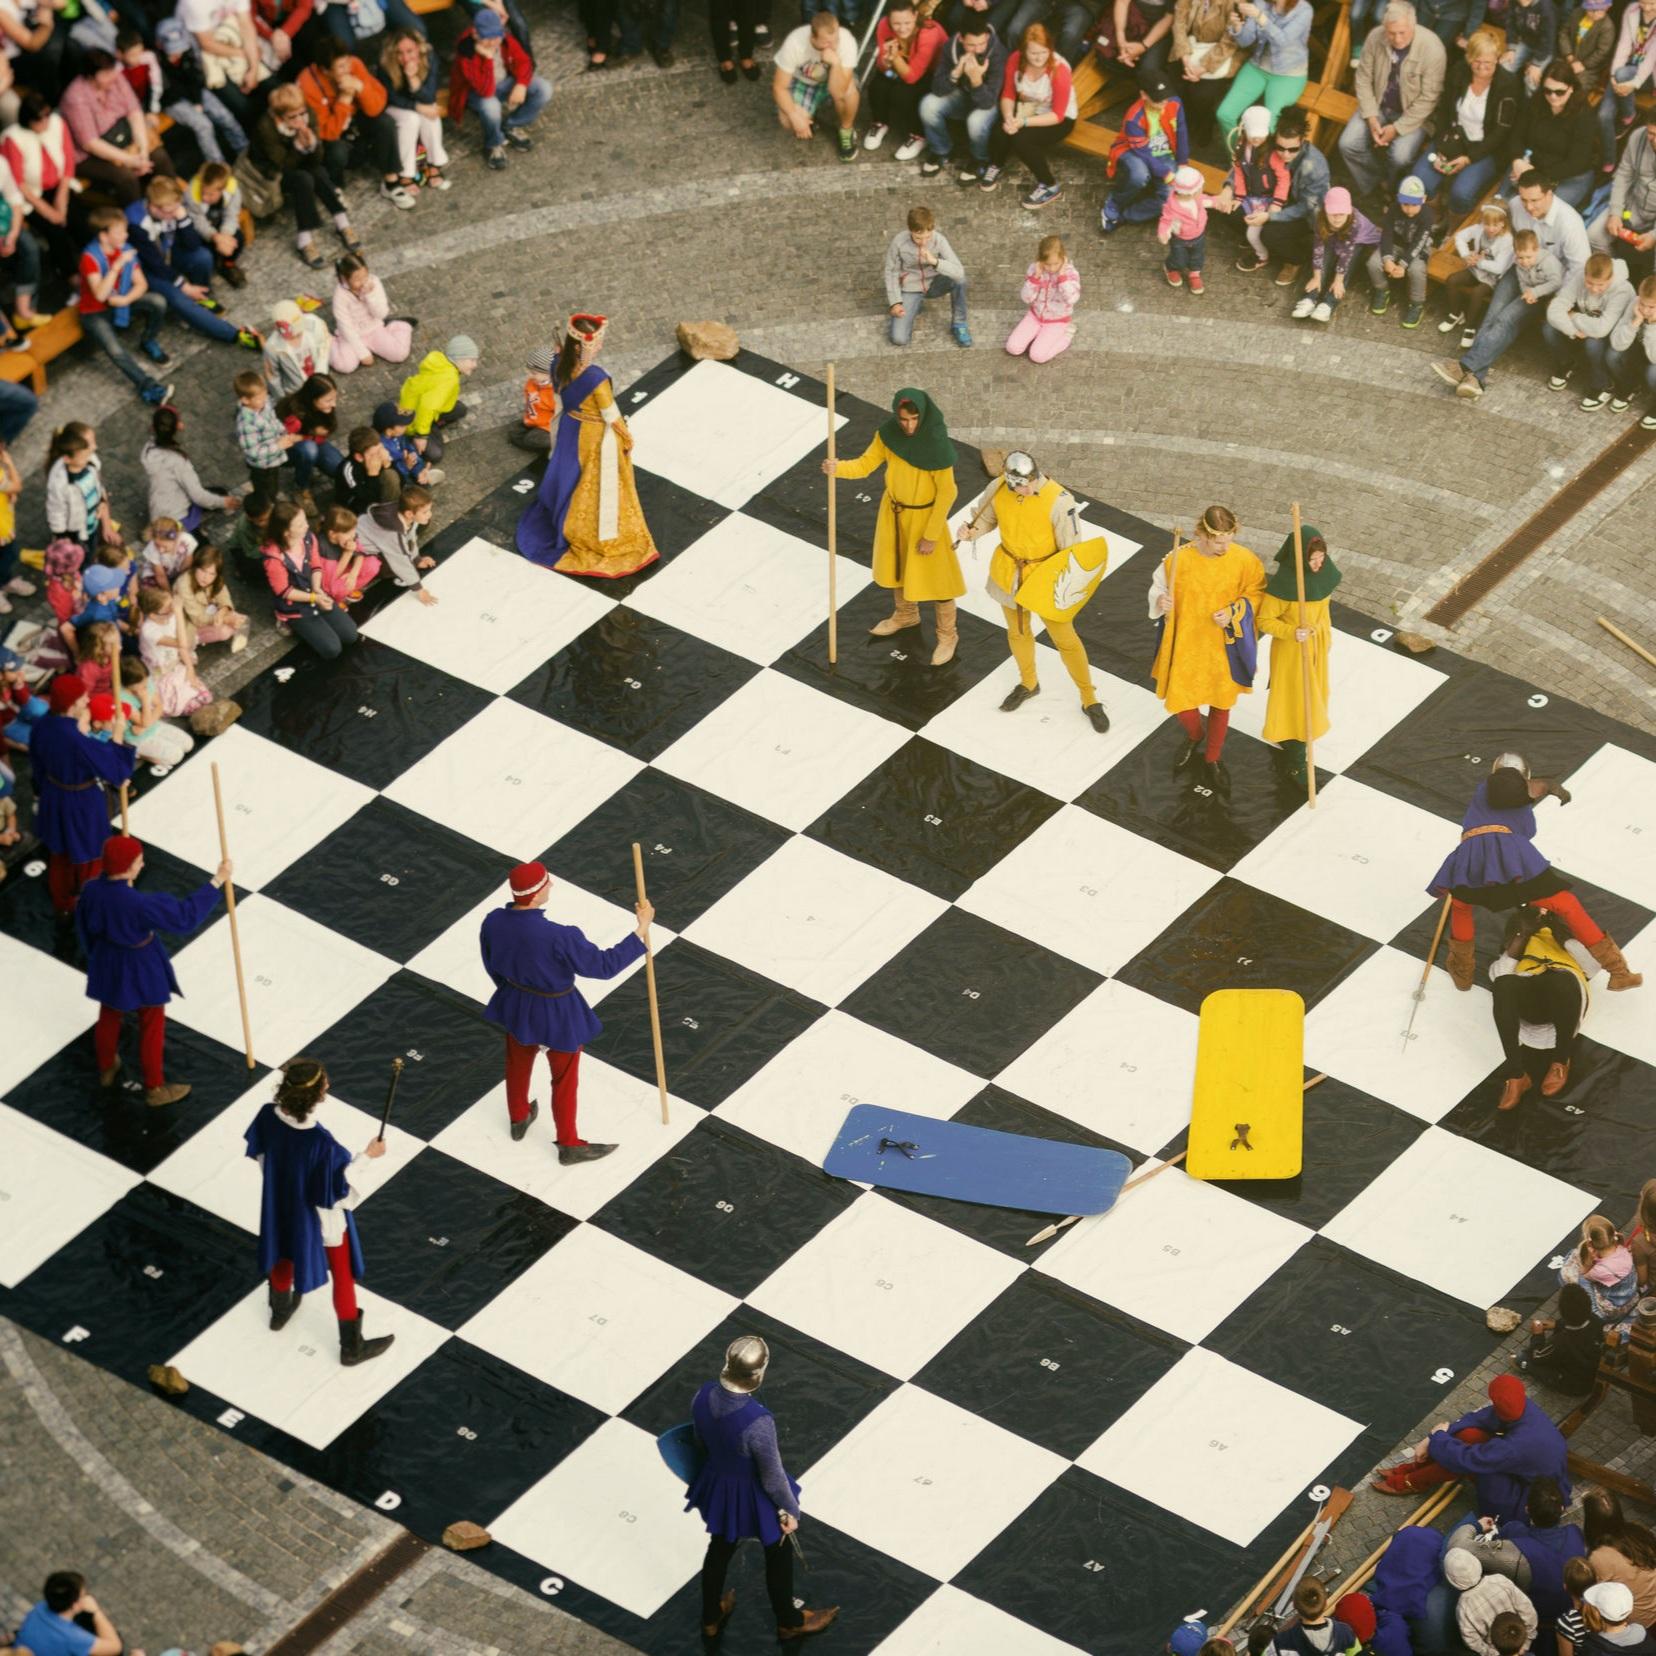 Živý šach - Dajte si s nami netradičnú partičku šachu. Kombinácia historického šermu a divadla v dobových kostýmoch prinesie nečakané zvraty.